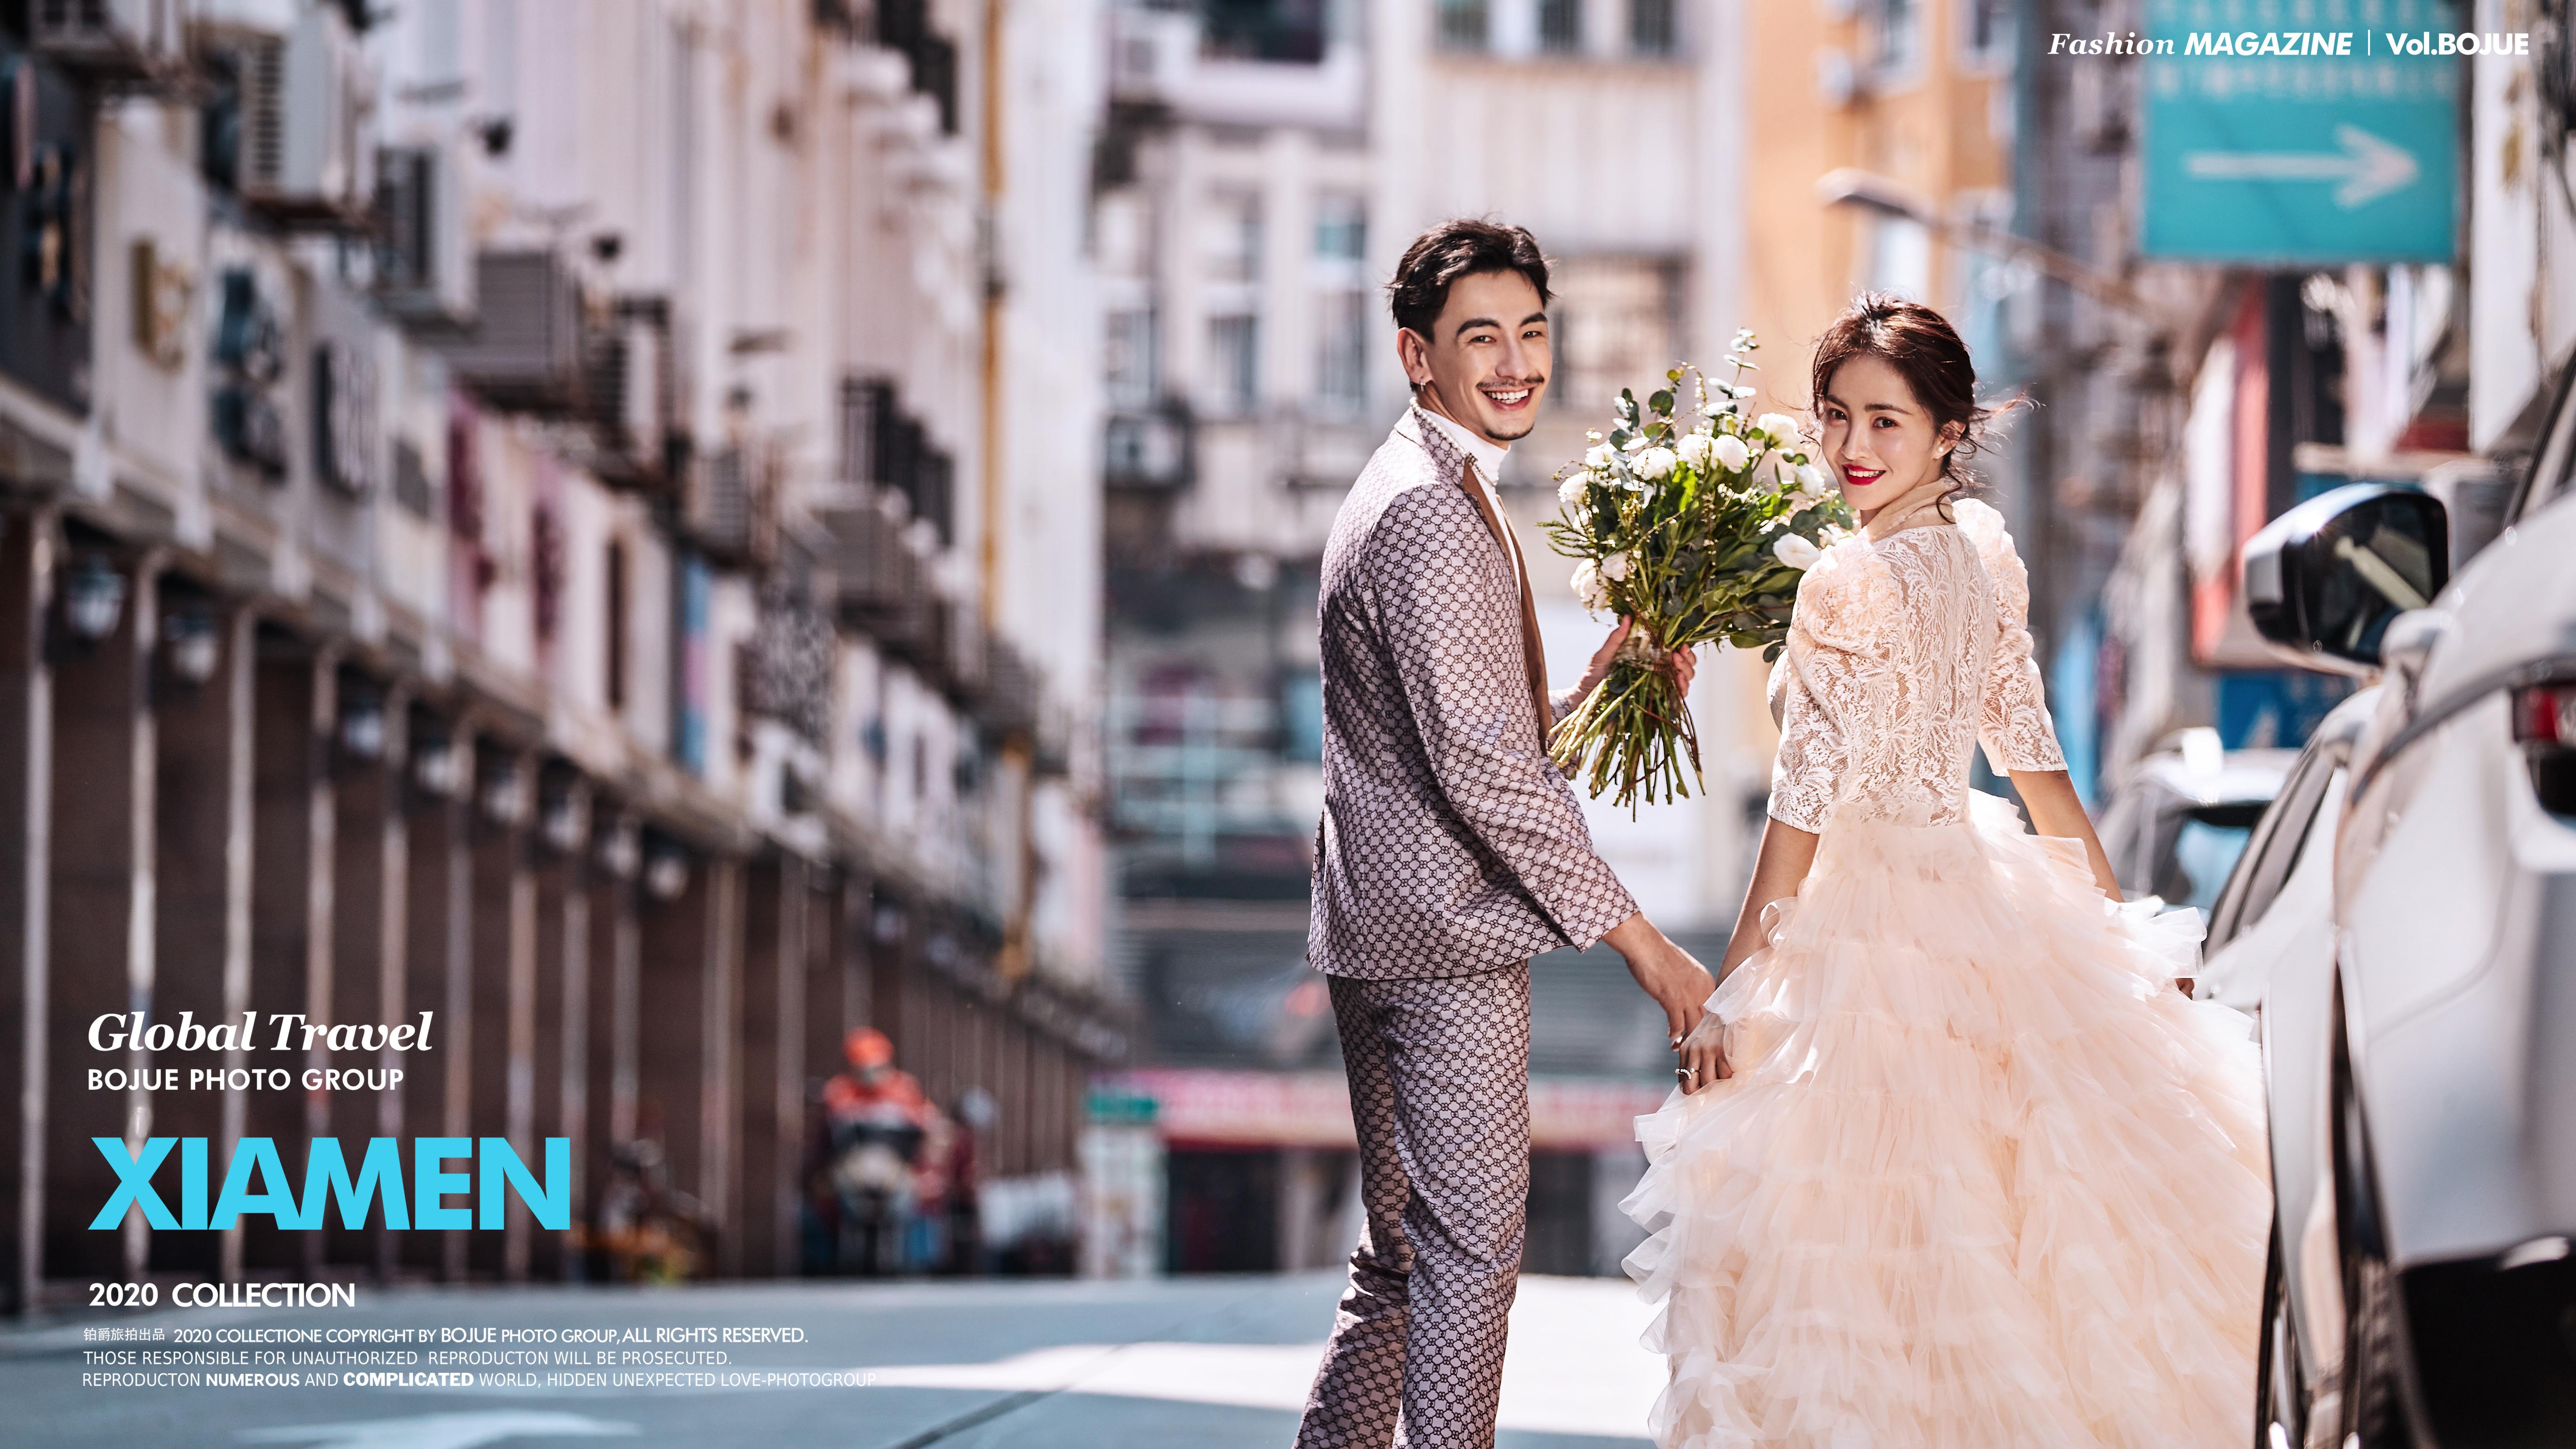 厦门铁路文化公园拍婚纱照怎么样,拍婚纱照的风格有什么?